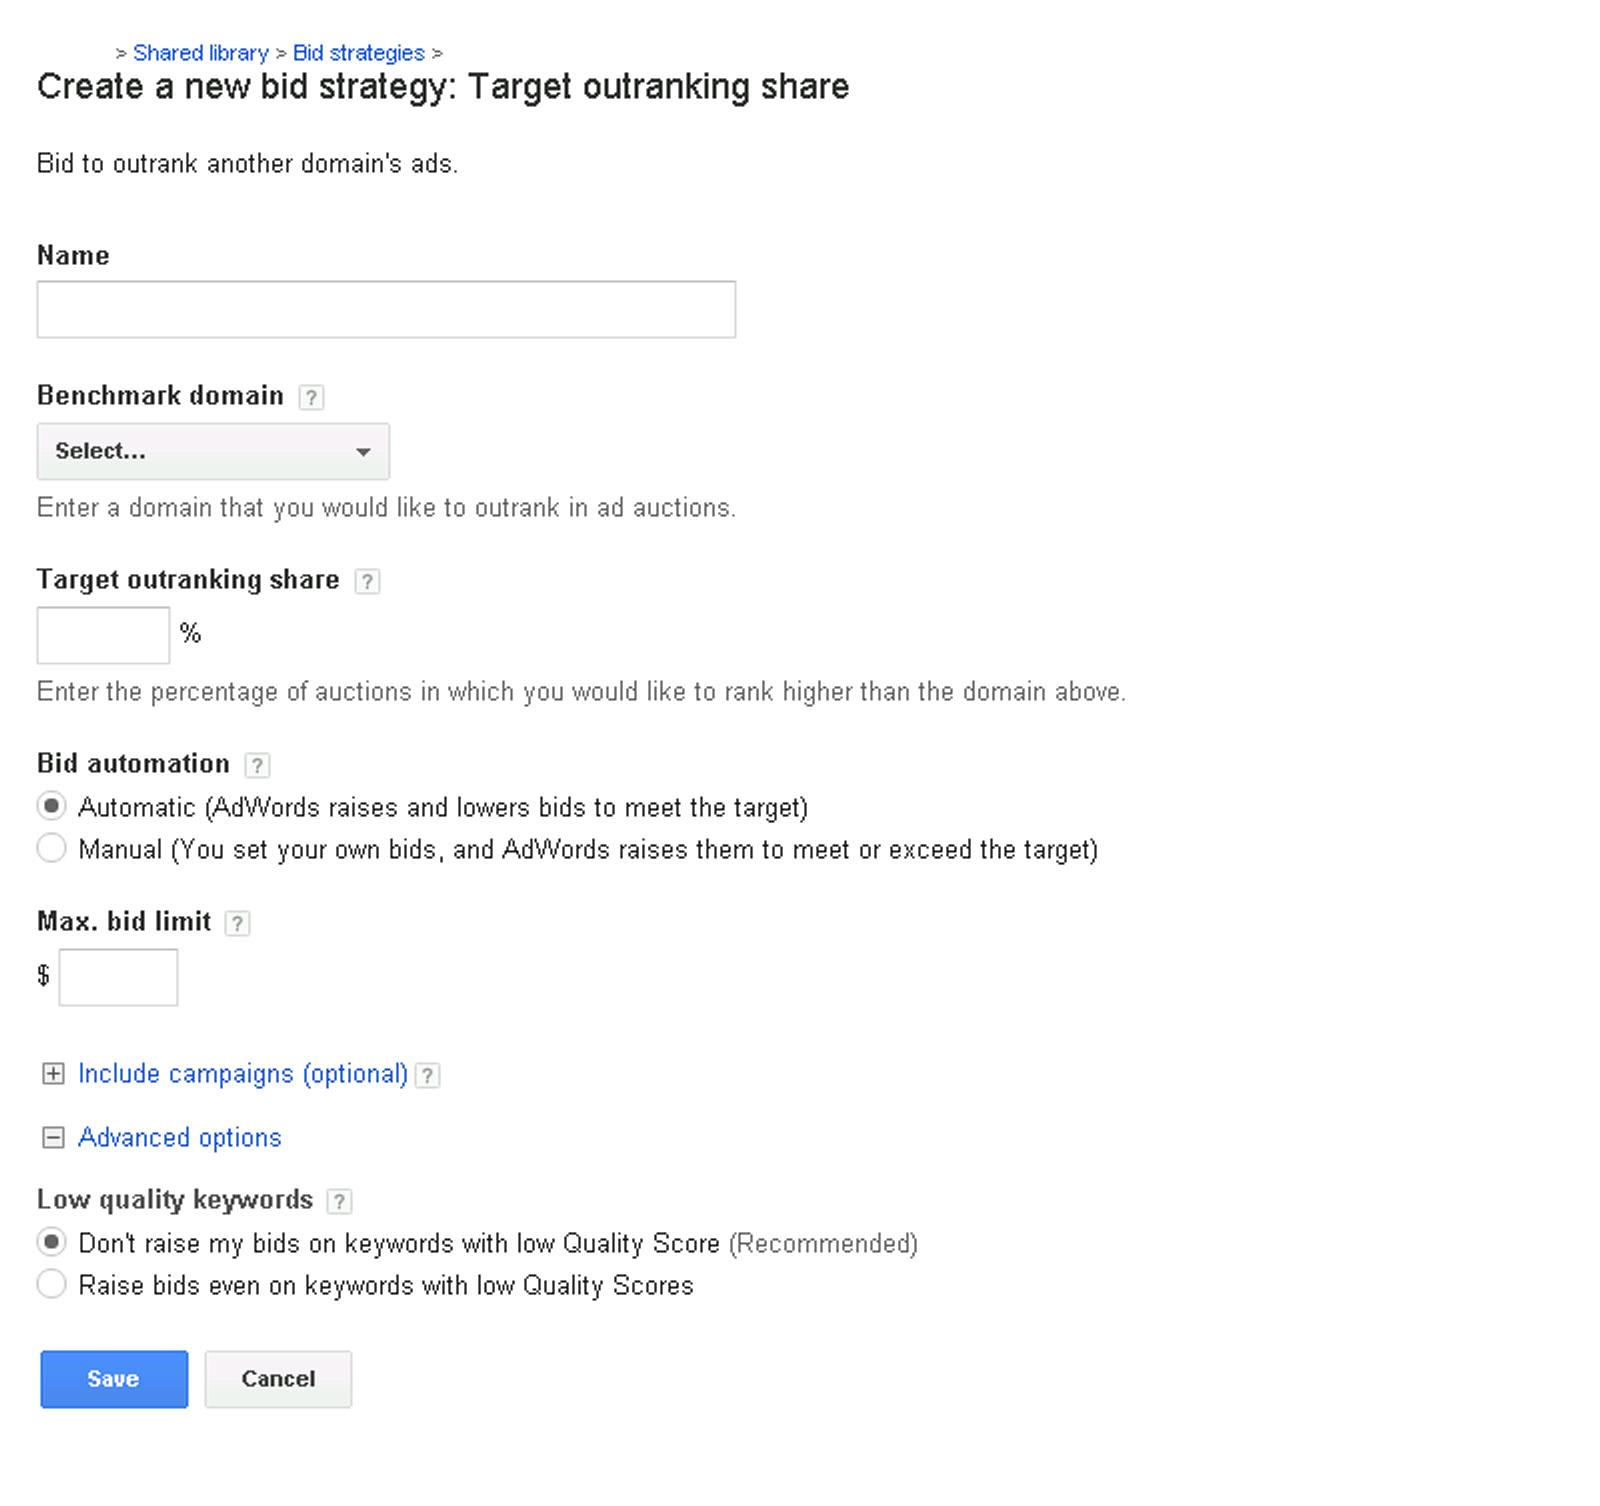 크기변환_Target outranking share